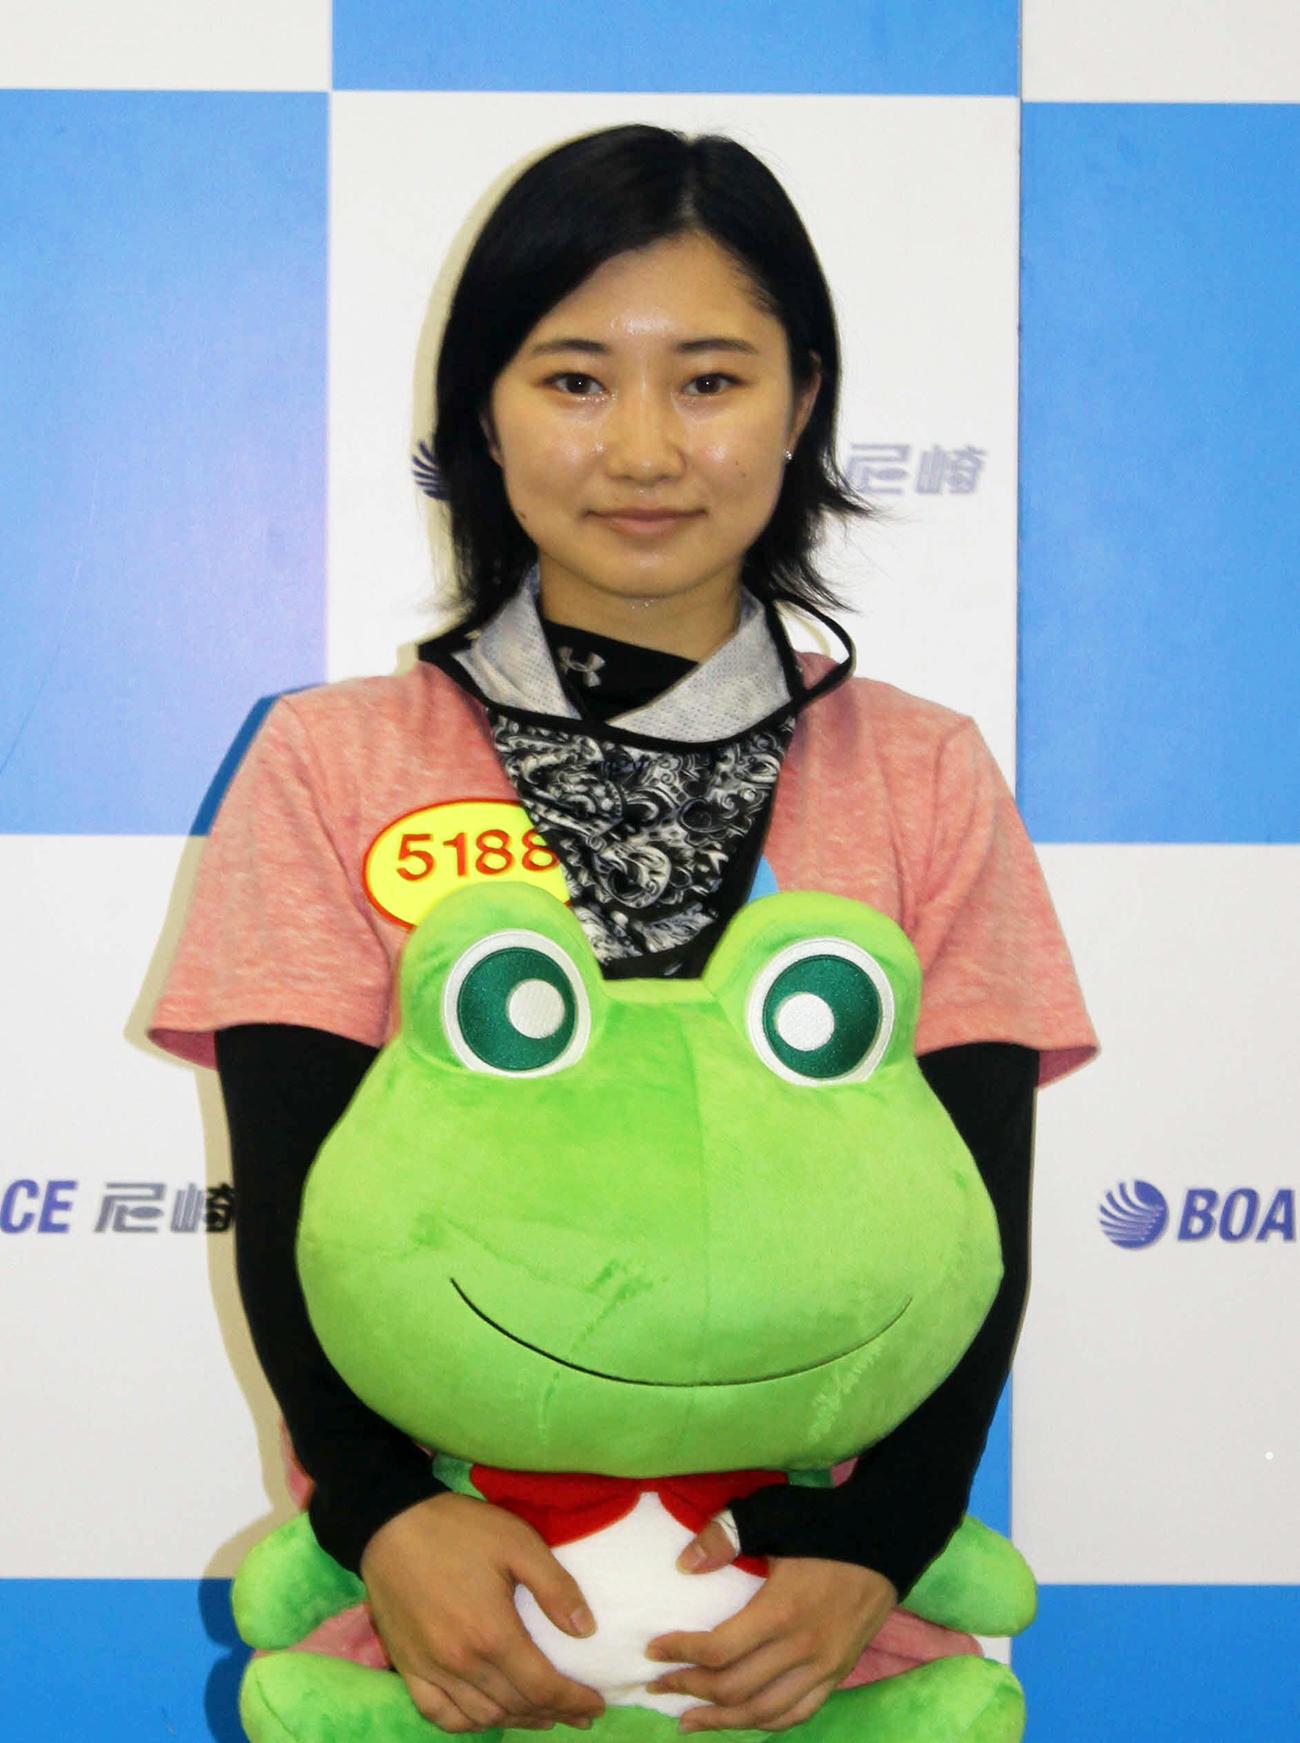 武井莉里佳がデビューを果たした。レース後のセレモニーで伊丹市より記念品のセンプル君人形が贈られた(撮影・北條直治)